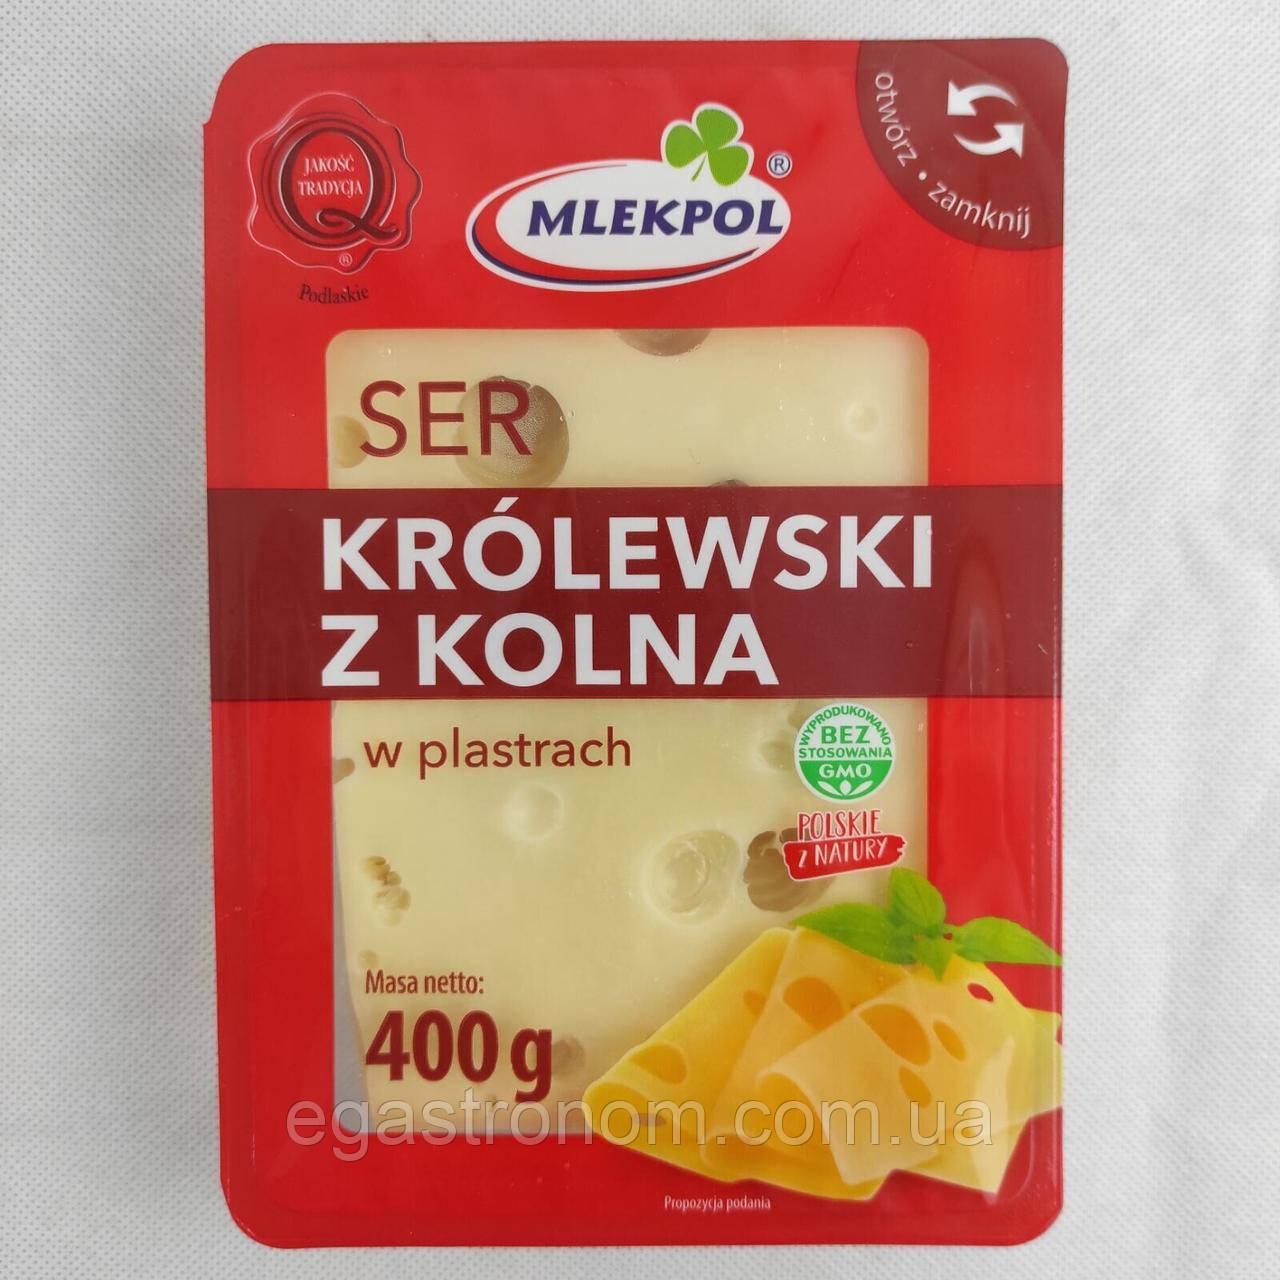 Сир Королівський нарізка Krolewski Mlekpol 400g 20шт/ящ (Код : 00-00004625)